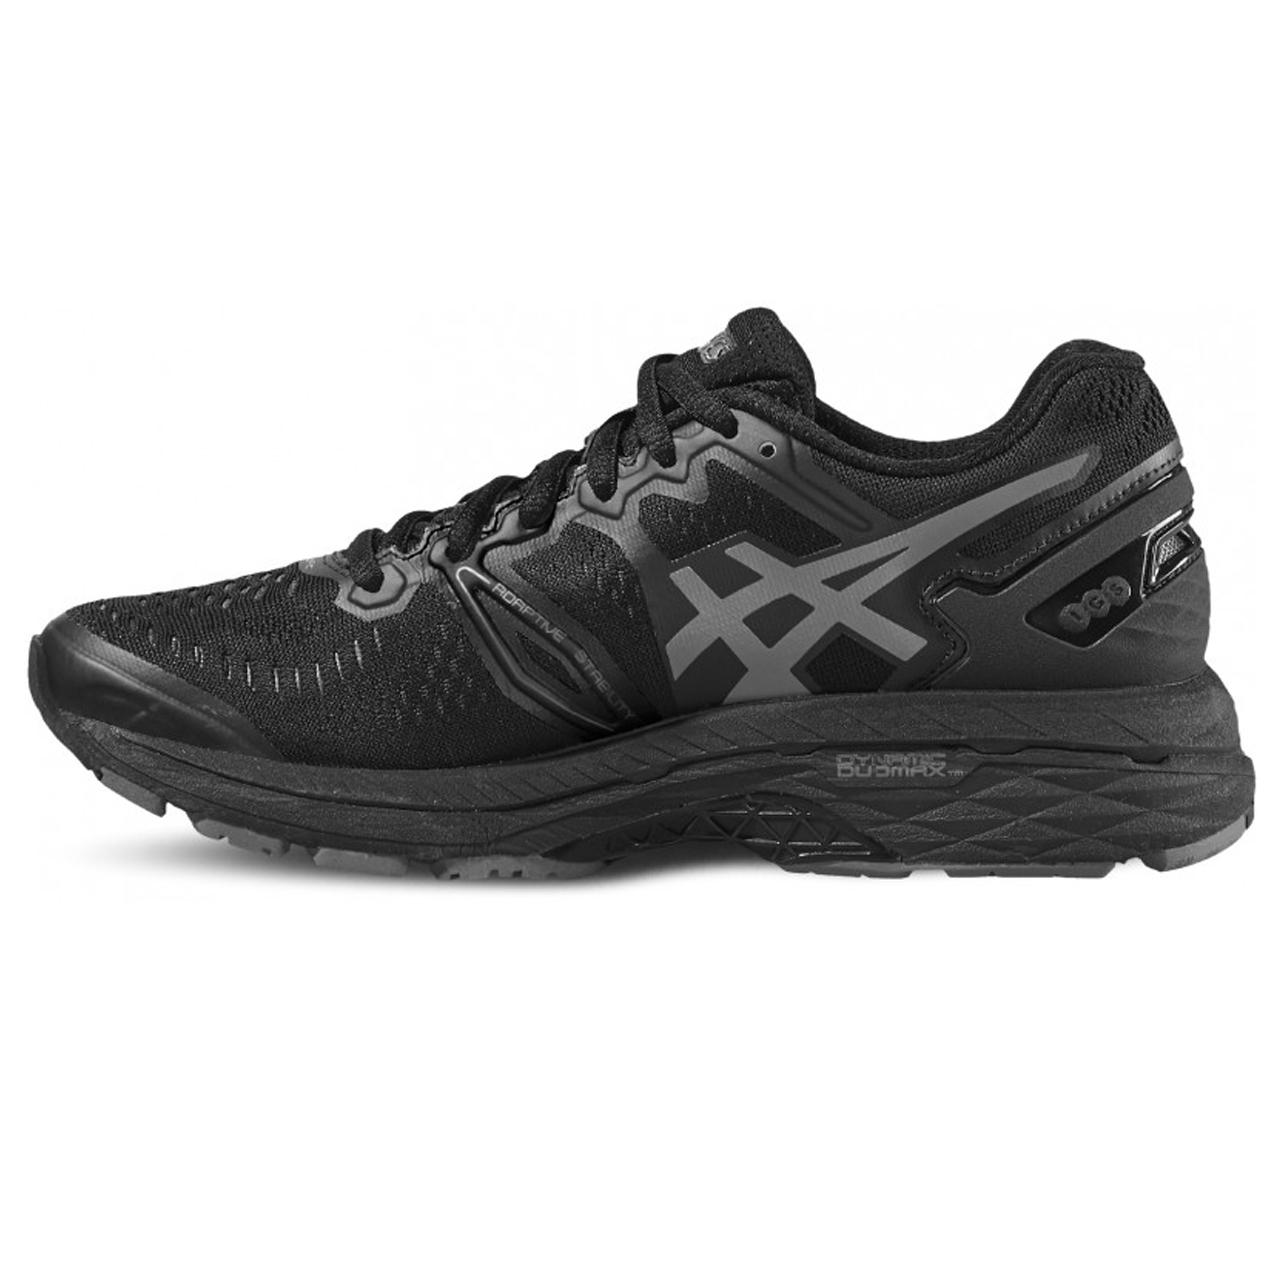 قیمت کفش ورزشی مخصوص دویدن و پیاده روی مردانه اسیکس مدل Gel Kayano    کد اصلی 122T64N